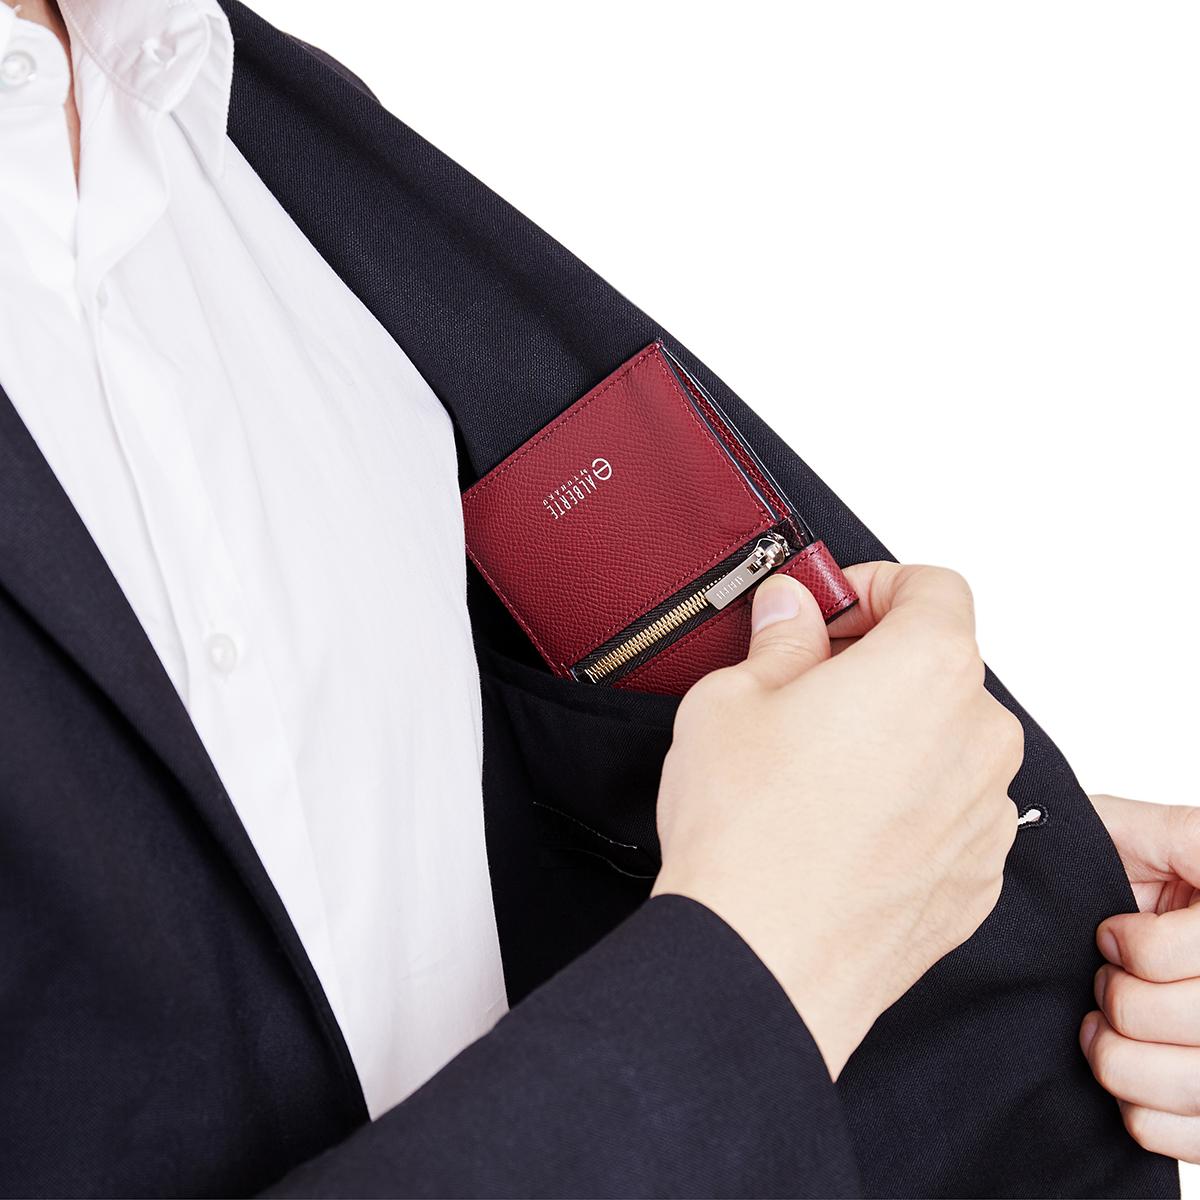 あなたの動きも思考も、スマートにしてくれる美しい薄さの革財布(札入れ)|ALBERTE